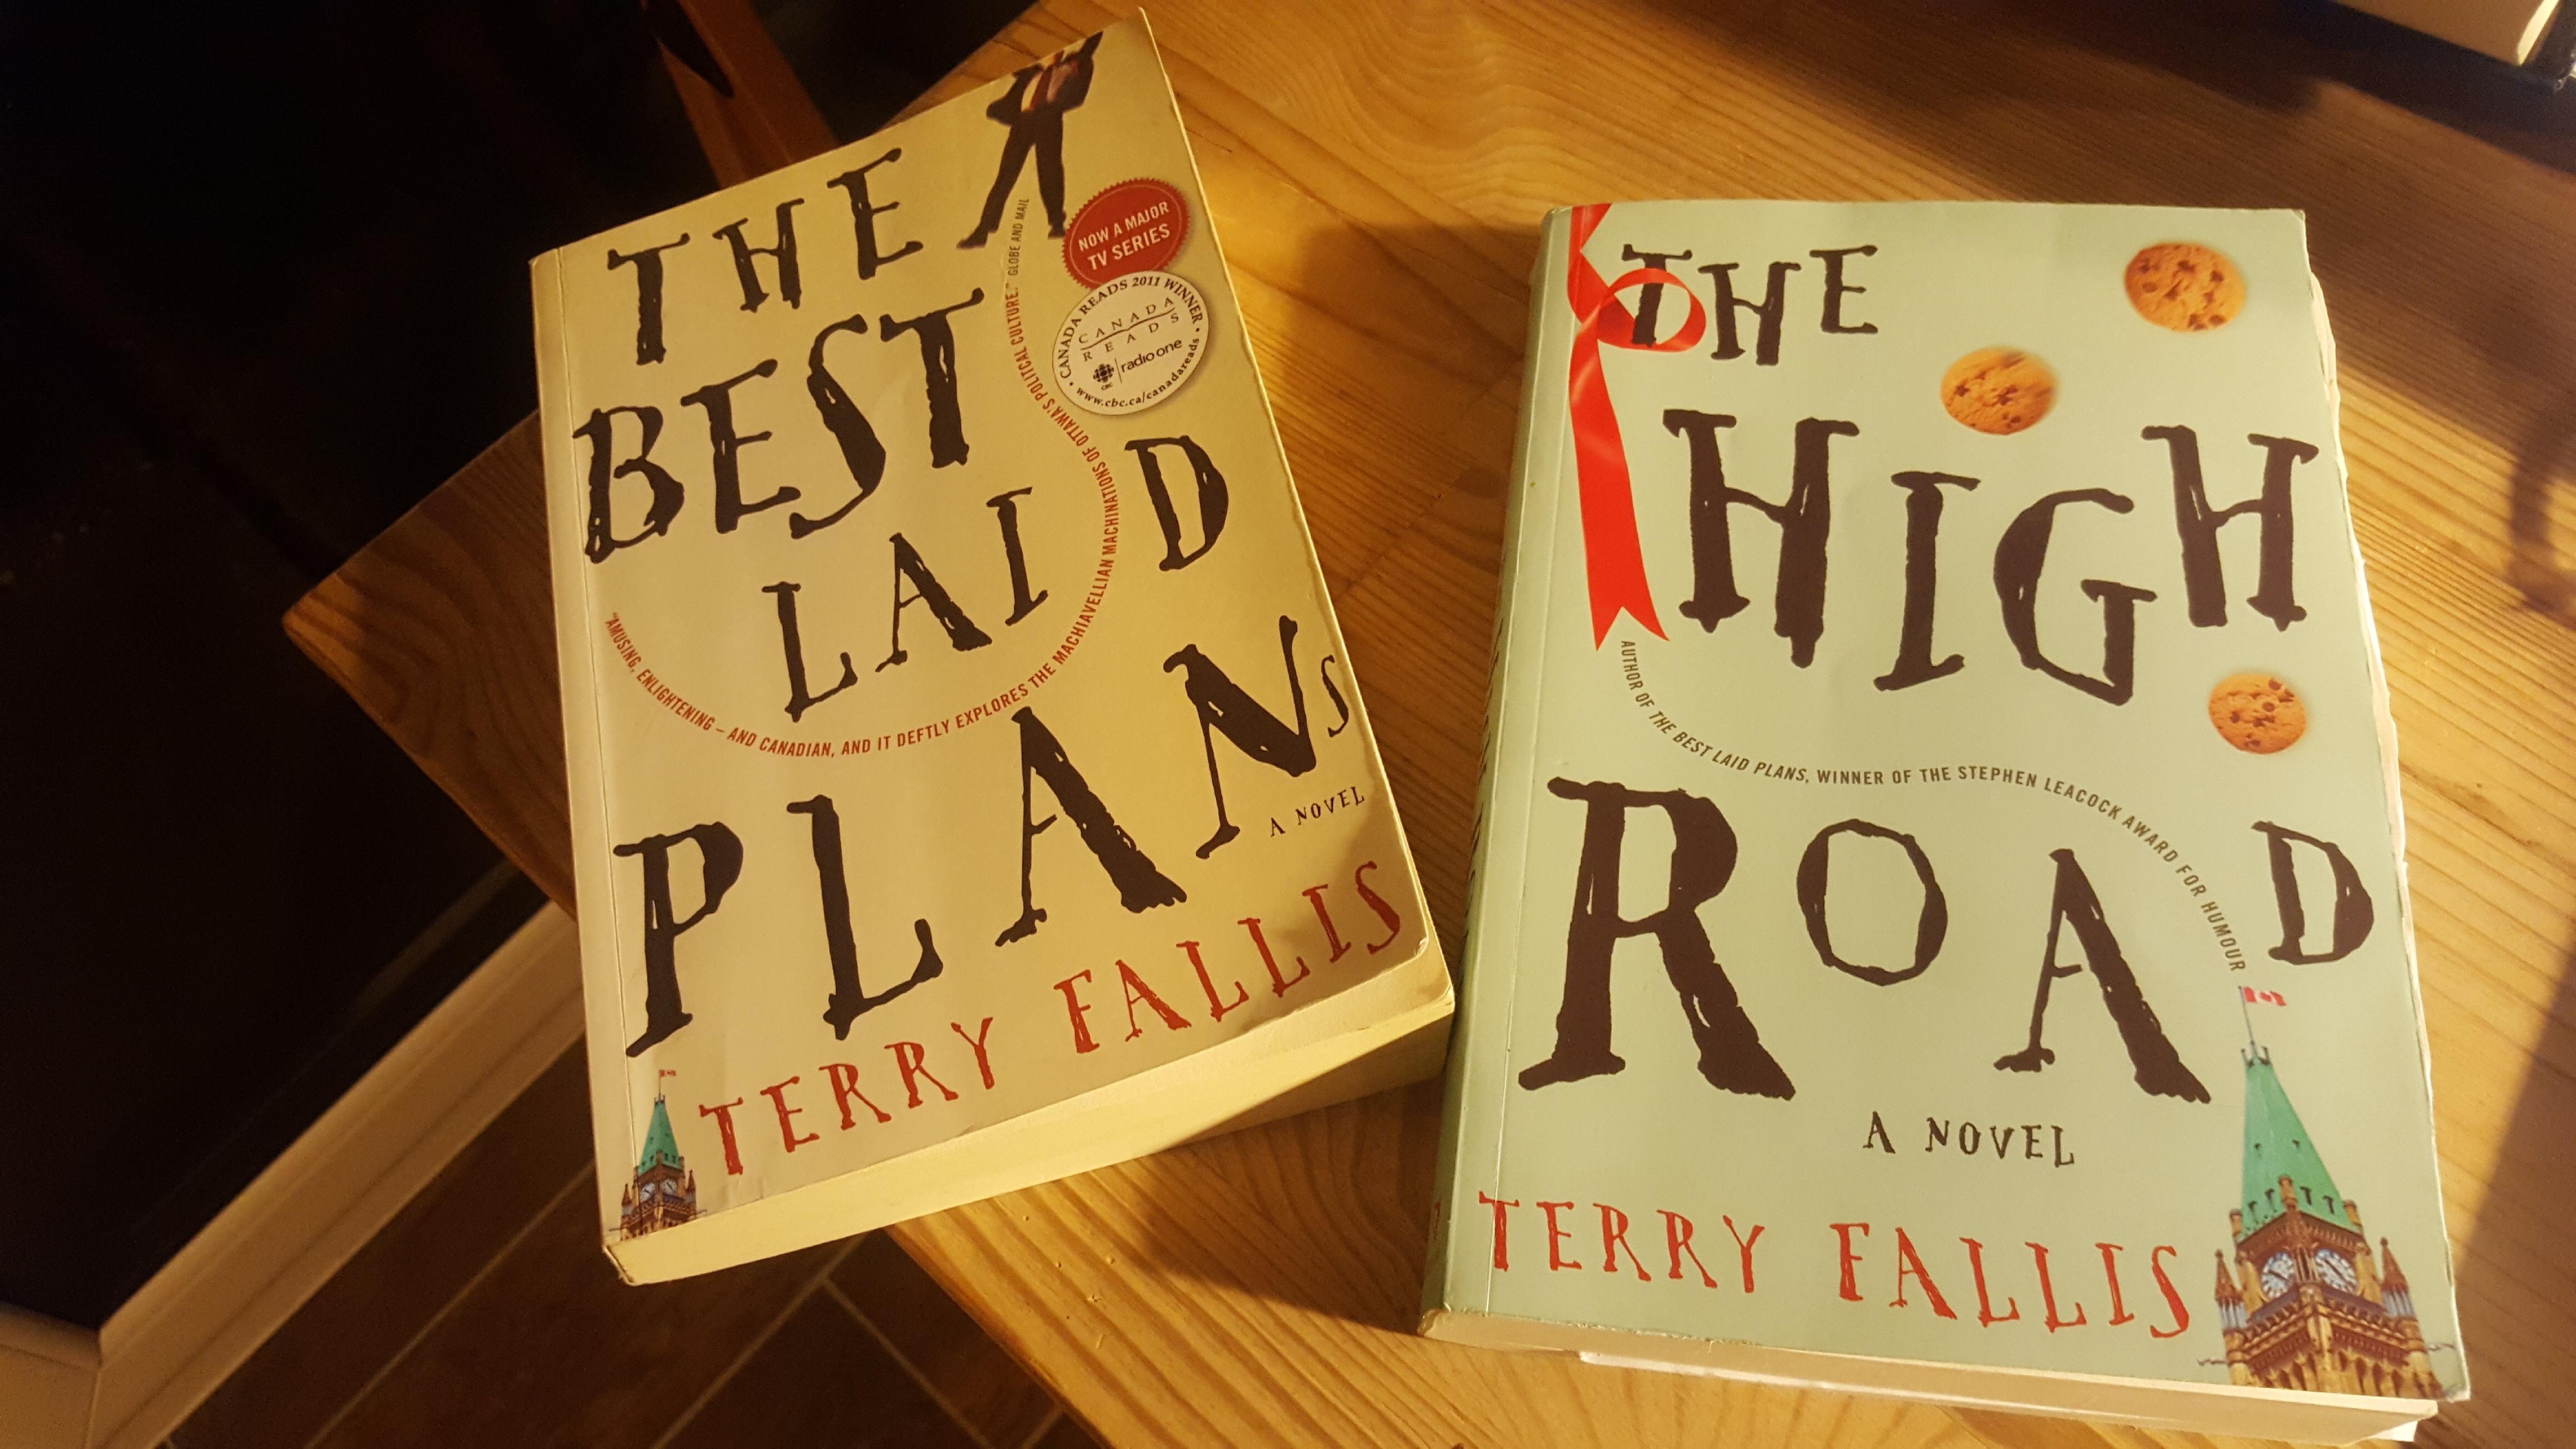 Terry Fallis books 2020